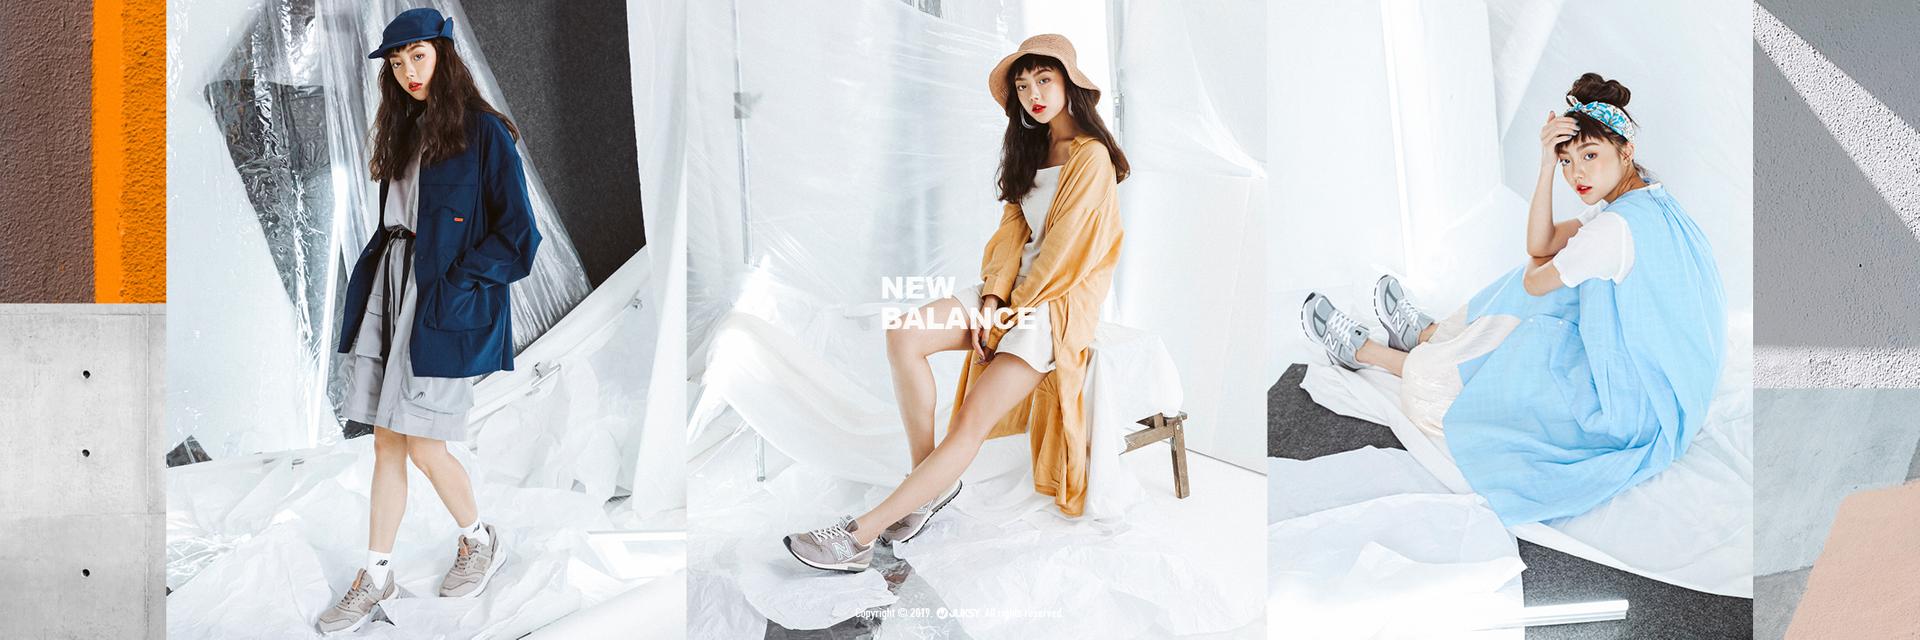 穿搭不只黑或白!「經典灰」搭上時下最夯的工裝、日系、文青風格,好感度直接 Level up!